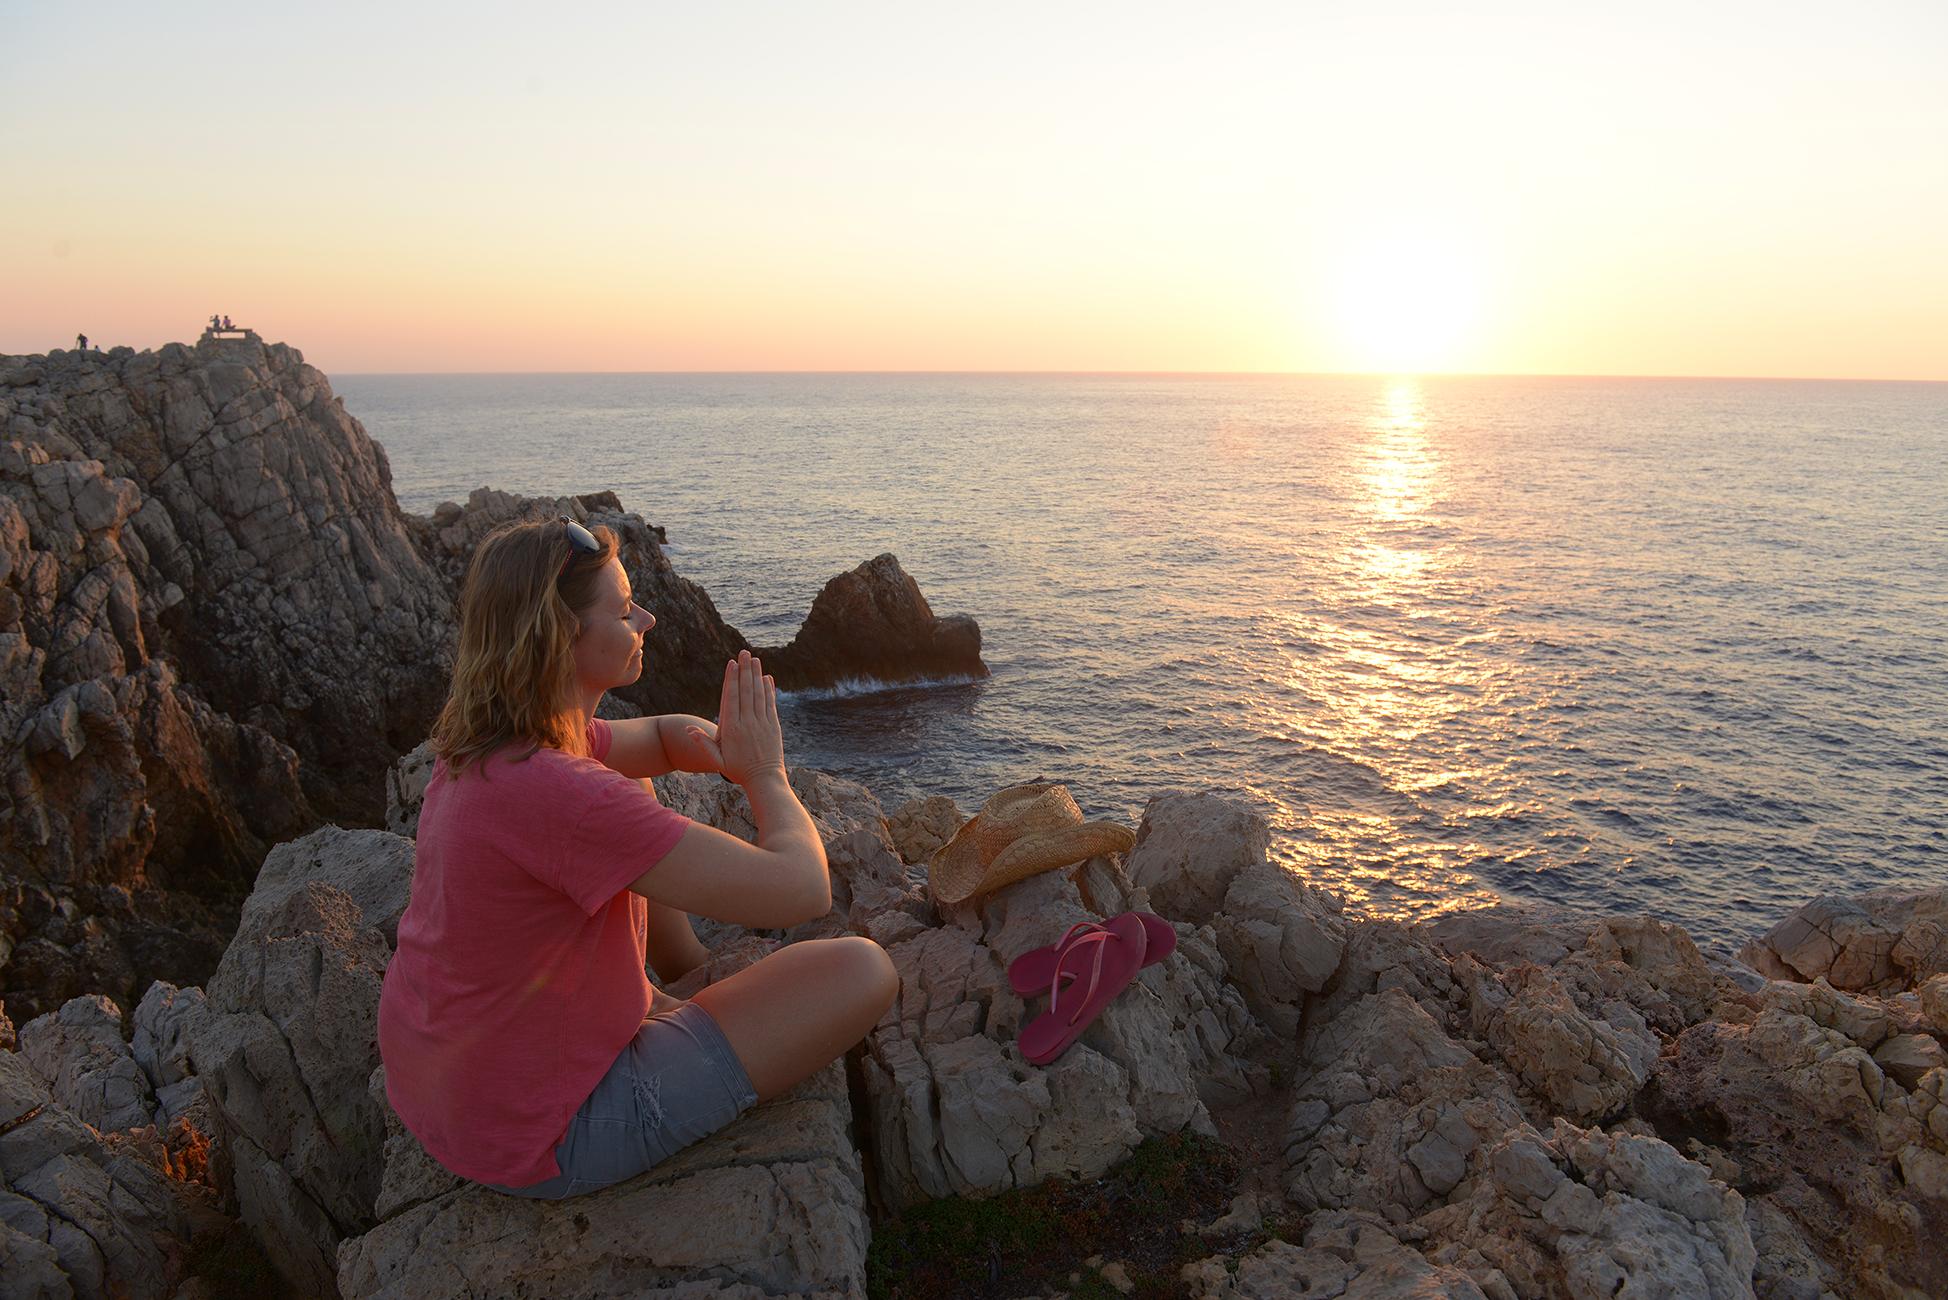 menroca, auringonlasku, välimeri, jooga, kesä